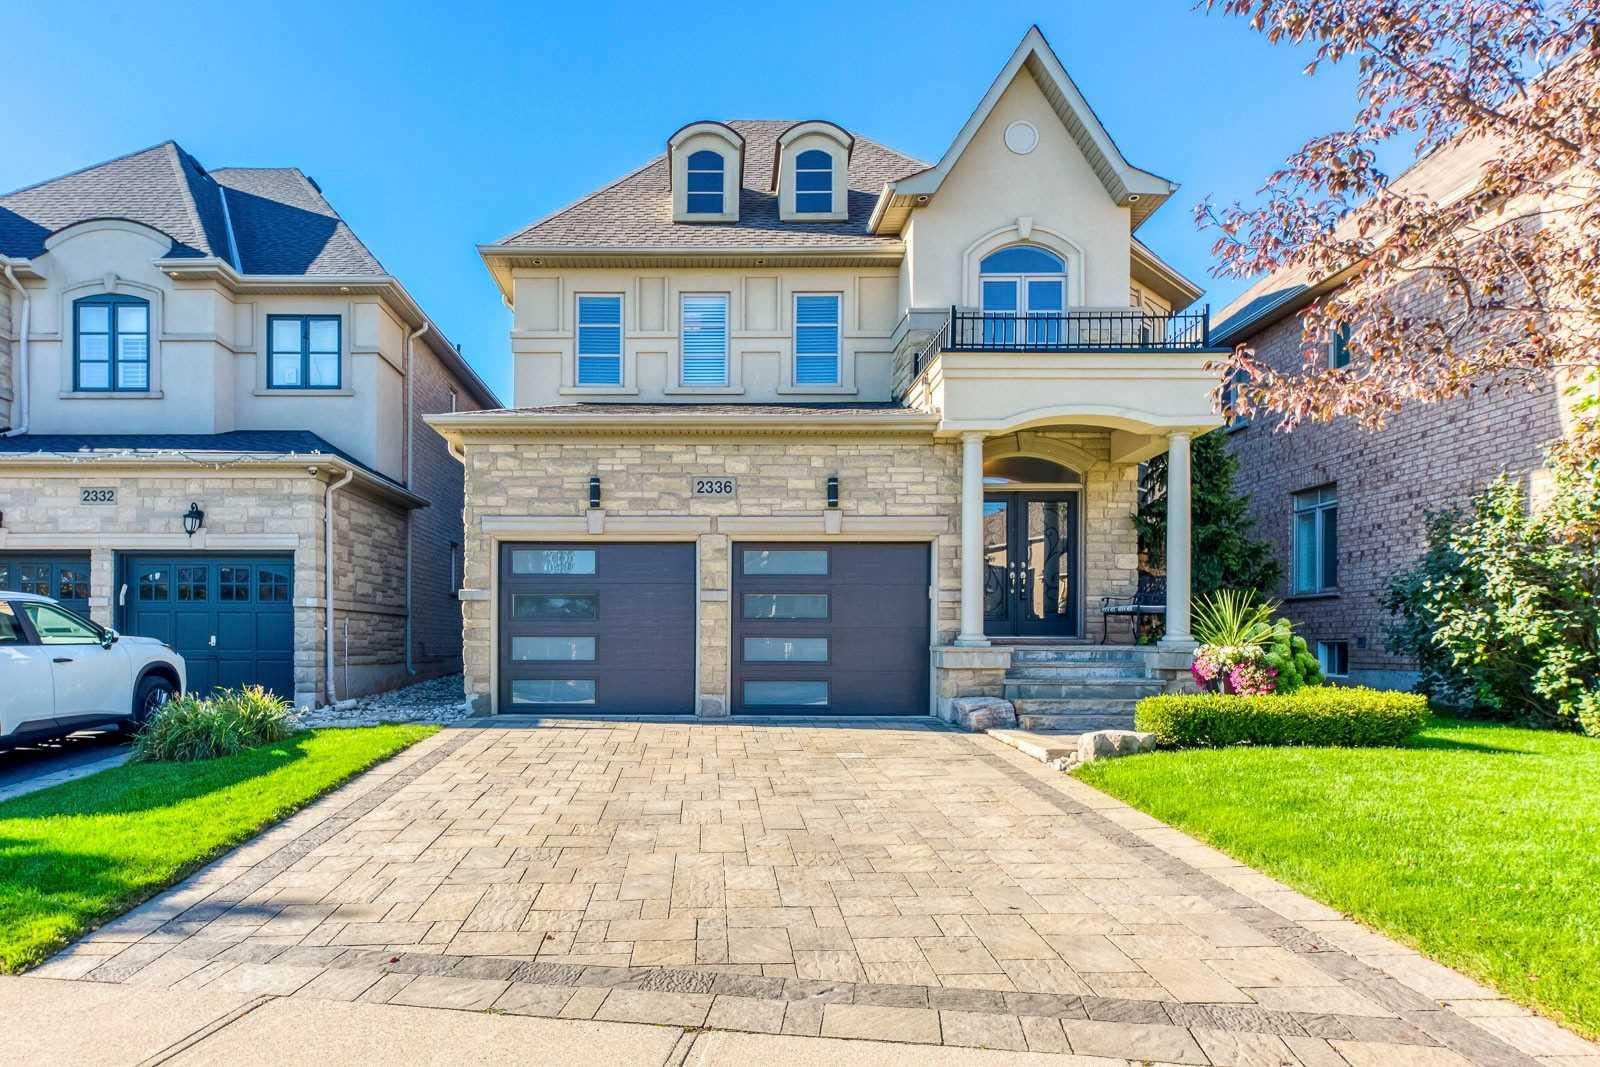 2336 Thruxton Dr, Oakville, Ontario L6H0C4, 4 Bedrooms Bedrooms, 10 Rooms Rooms,4 BathroomsBathrooms,Detached,For Sale,Thruxton,W5387874